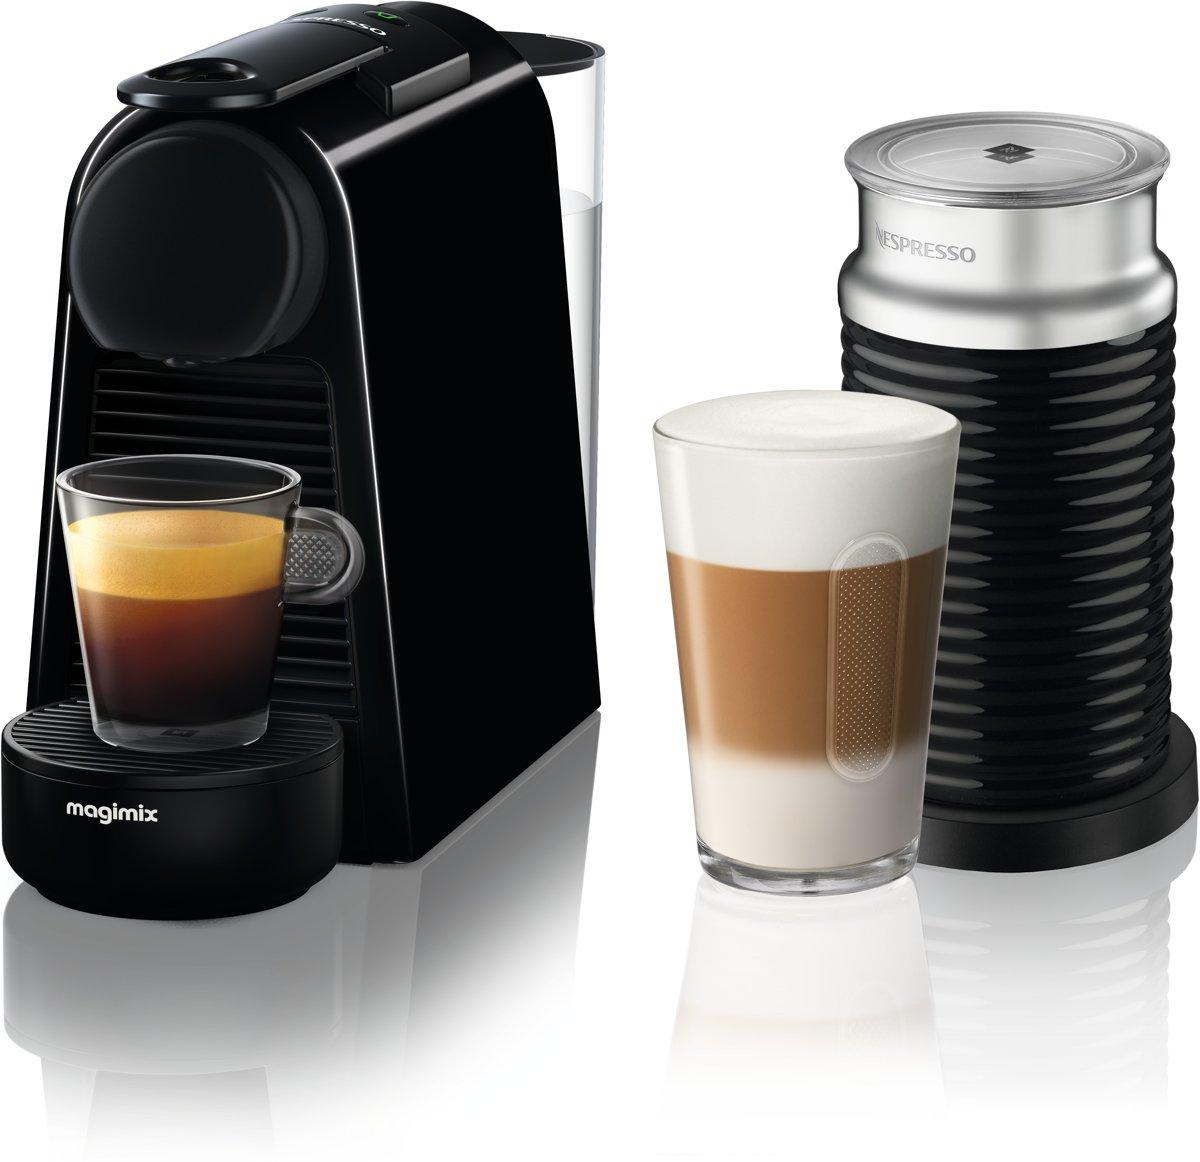 Magimix koffieapparaat Essenza + melkopschuimer (Zwart)